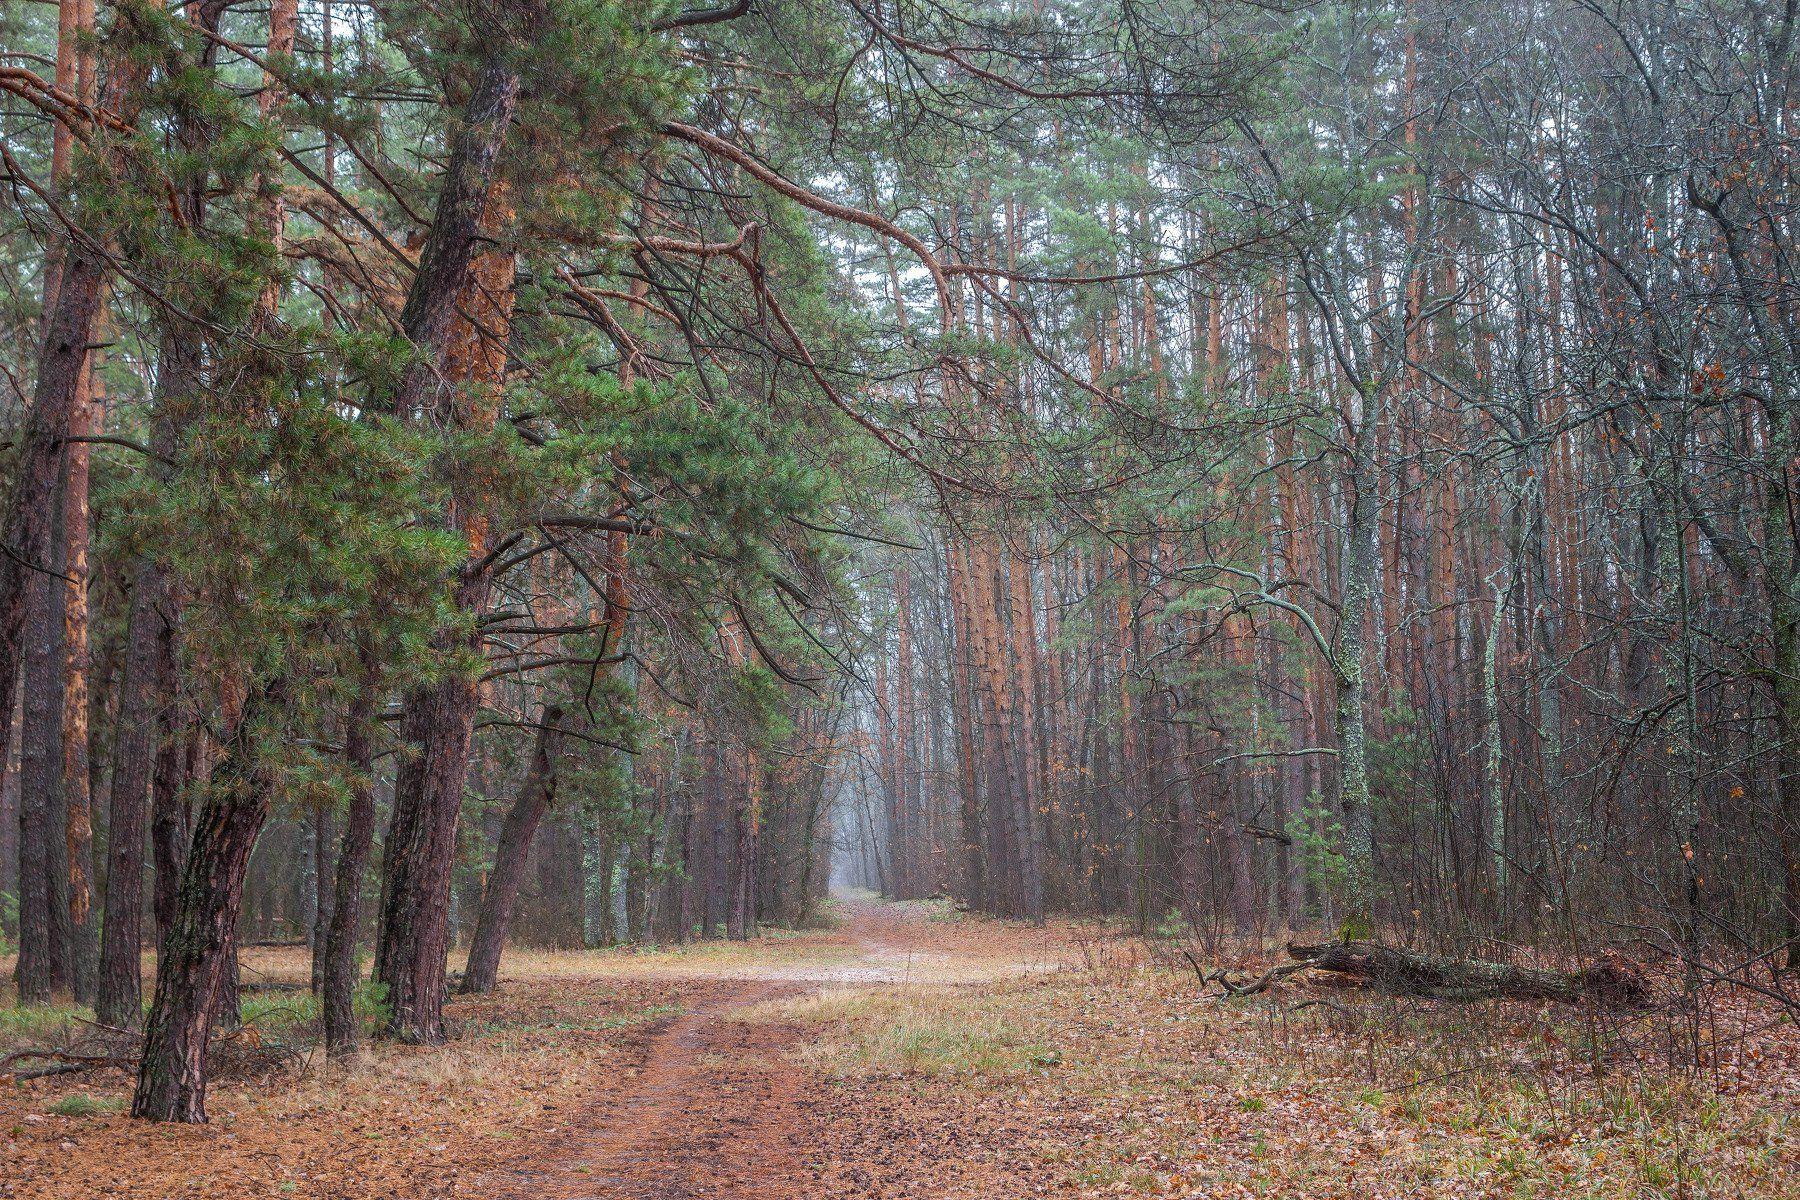 туман, сосны, осень, лес, заповедник, дорога, Востриков Руслан